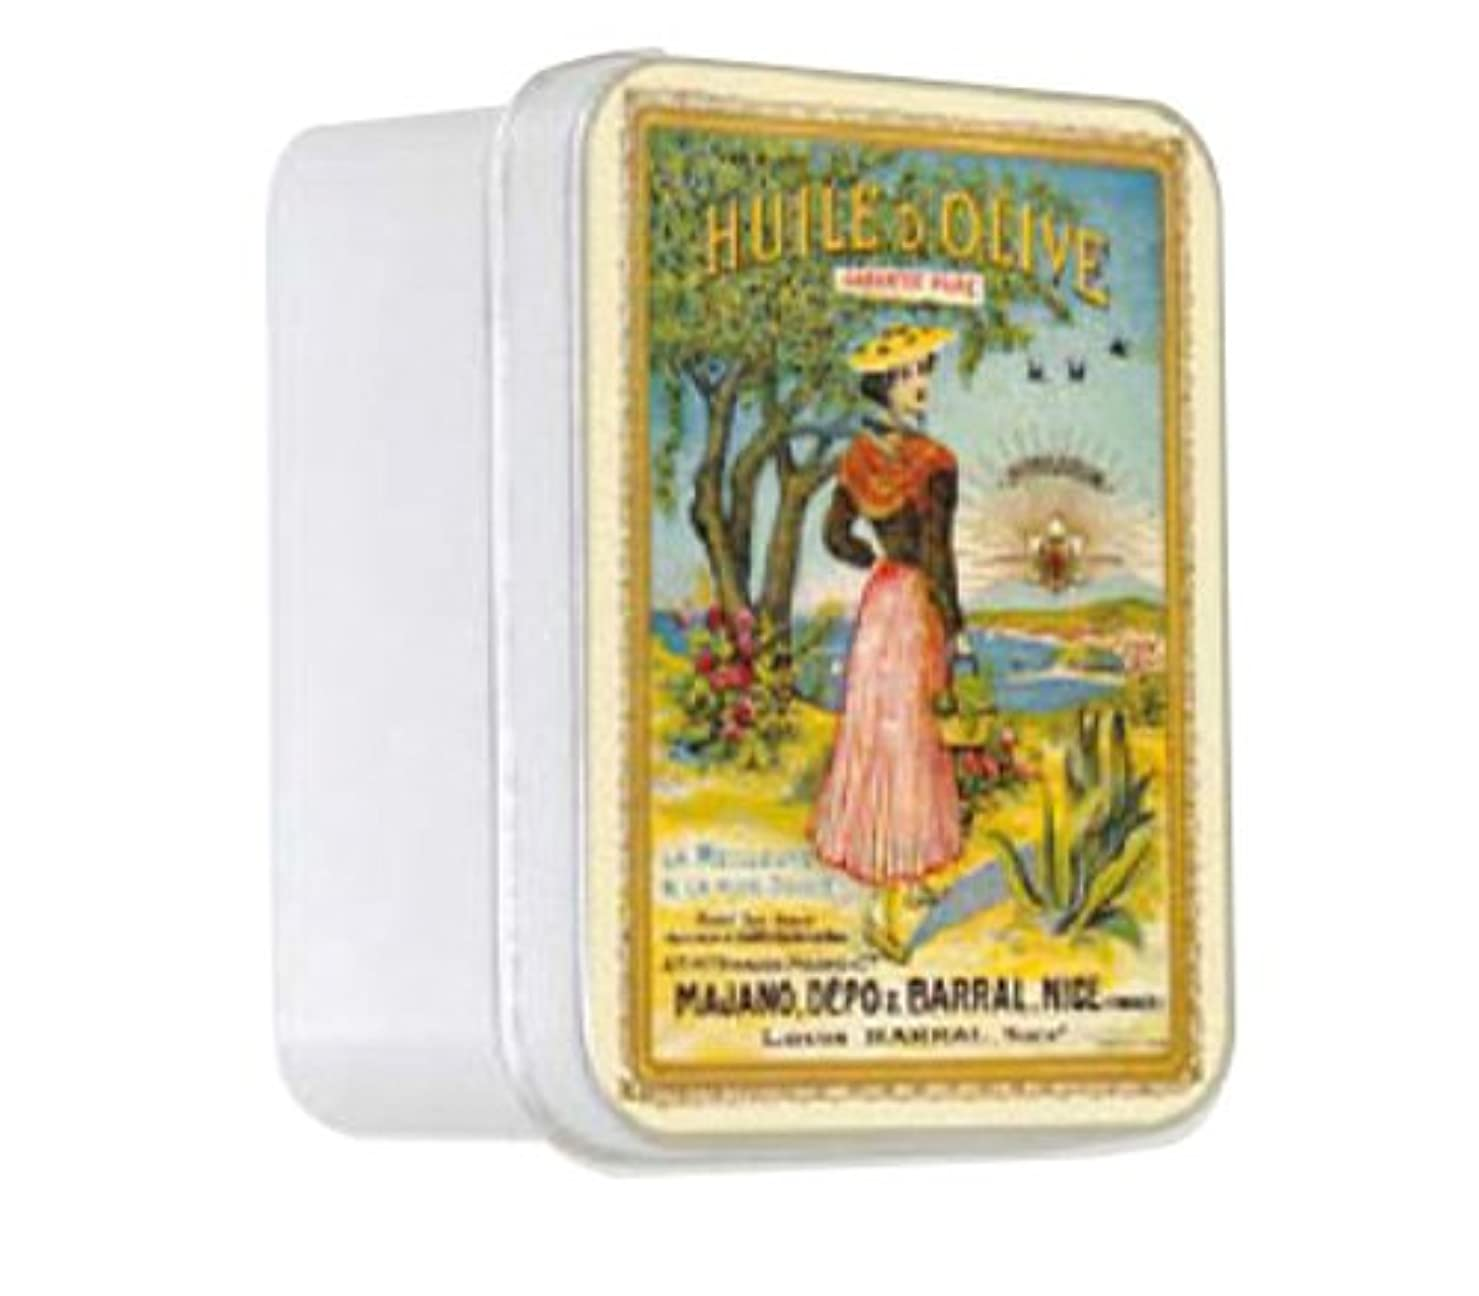 リーク芸術的グリーンランドルブランソープ メタルボックス(ラ ニソワーズ?オリーブの香り)石鹸